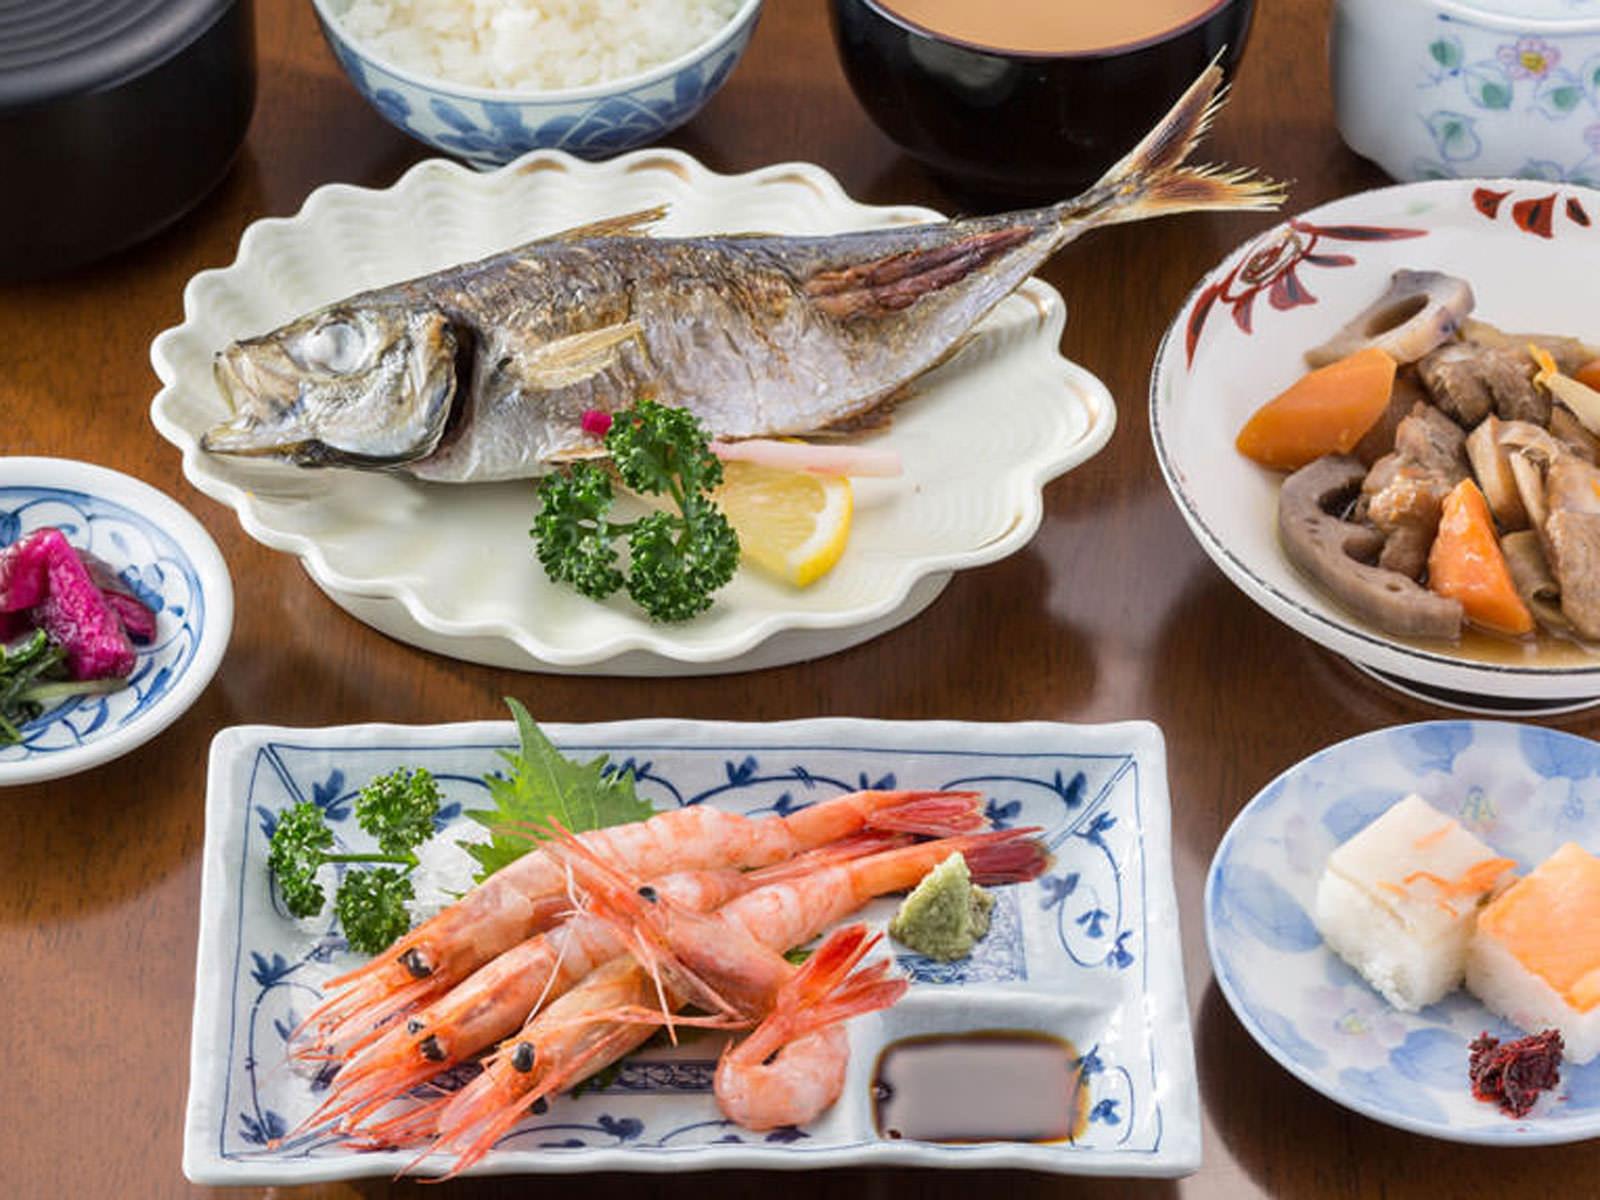 甘エビの刺身、ます寿司・ぶり寿司、アジの塩焼き、筑前煮、ご飯、汁物、漬物